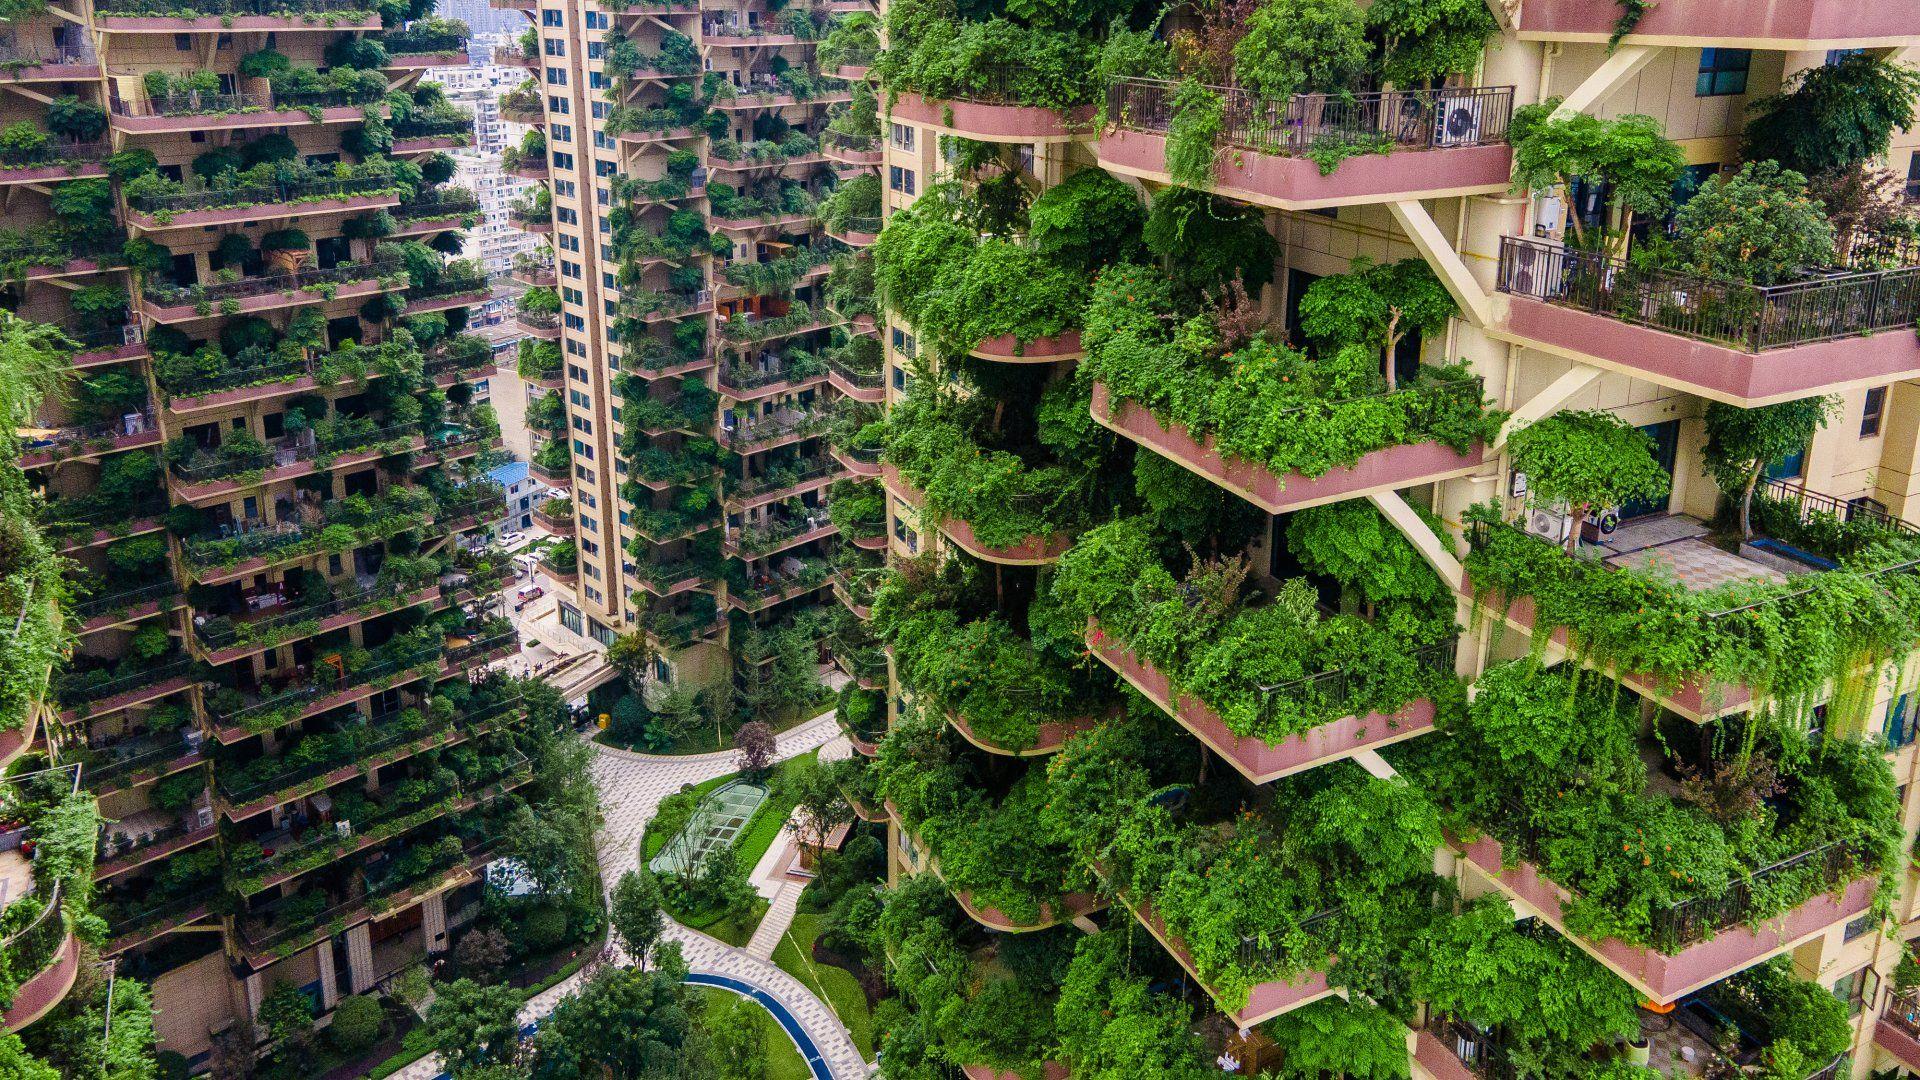 Függőleges kert Kínában